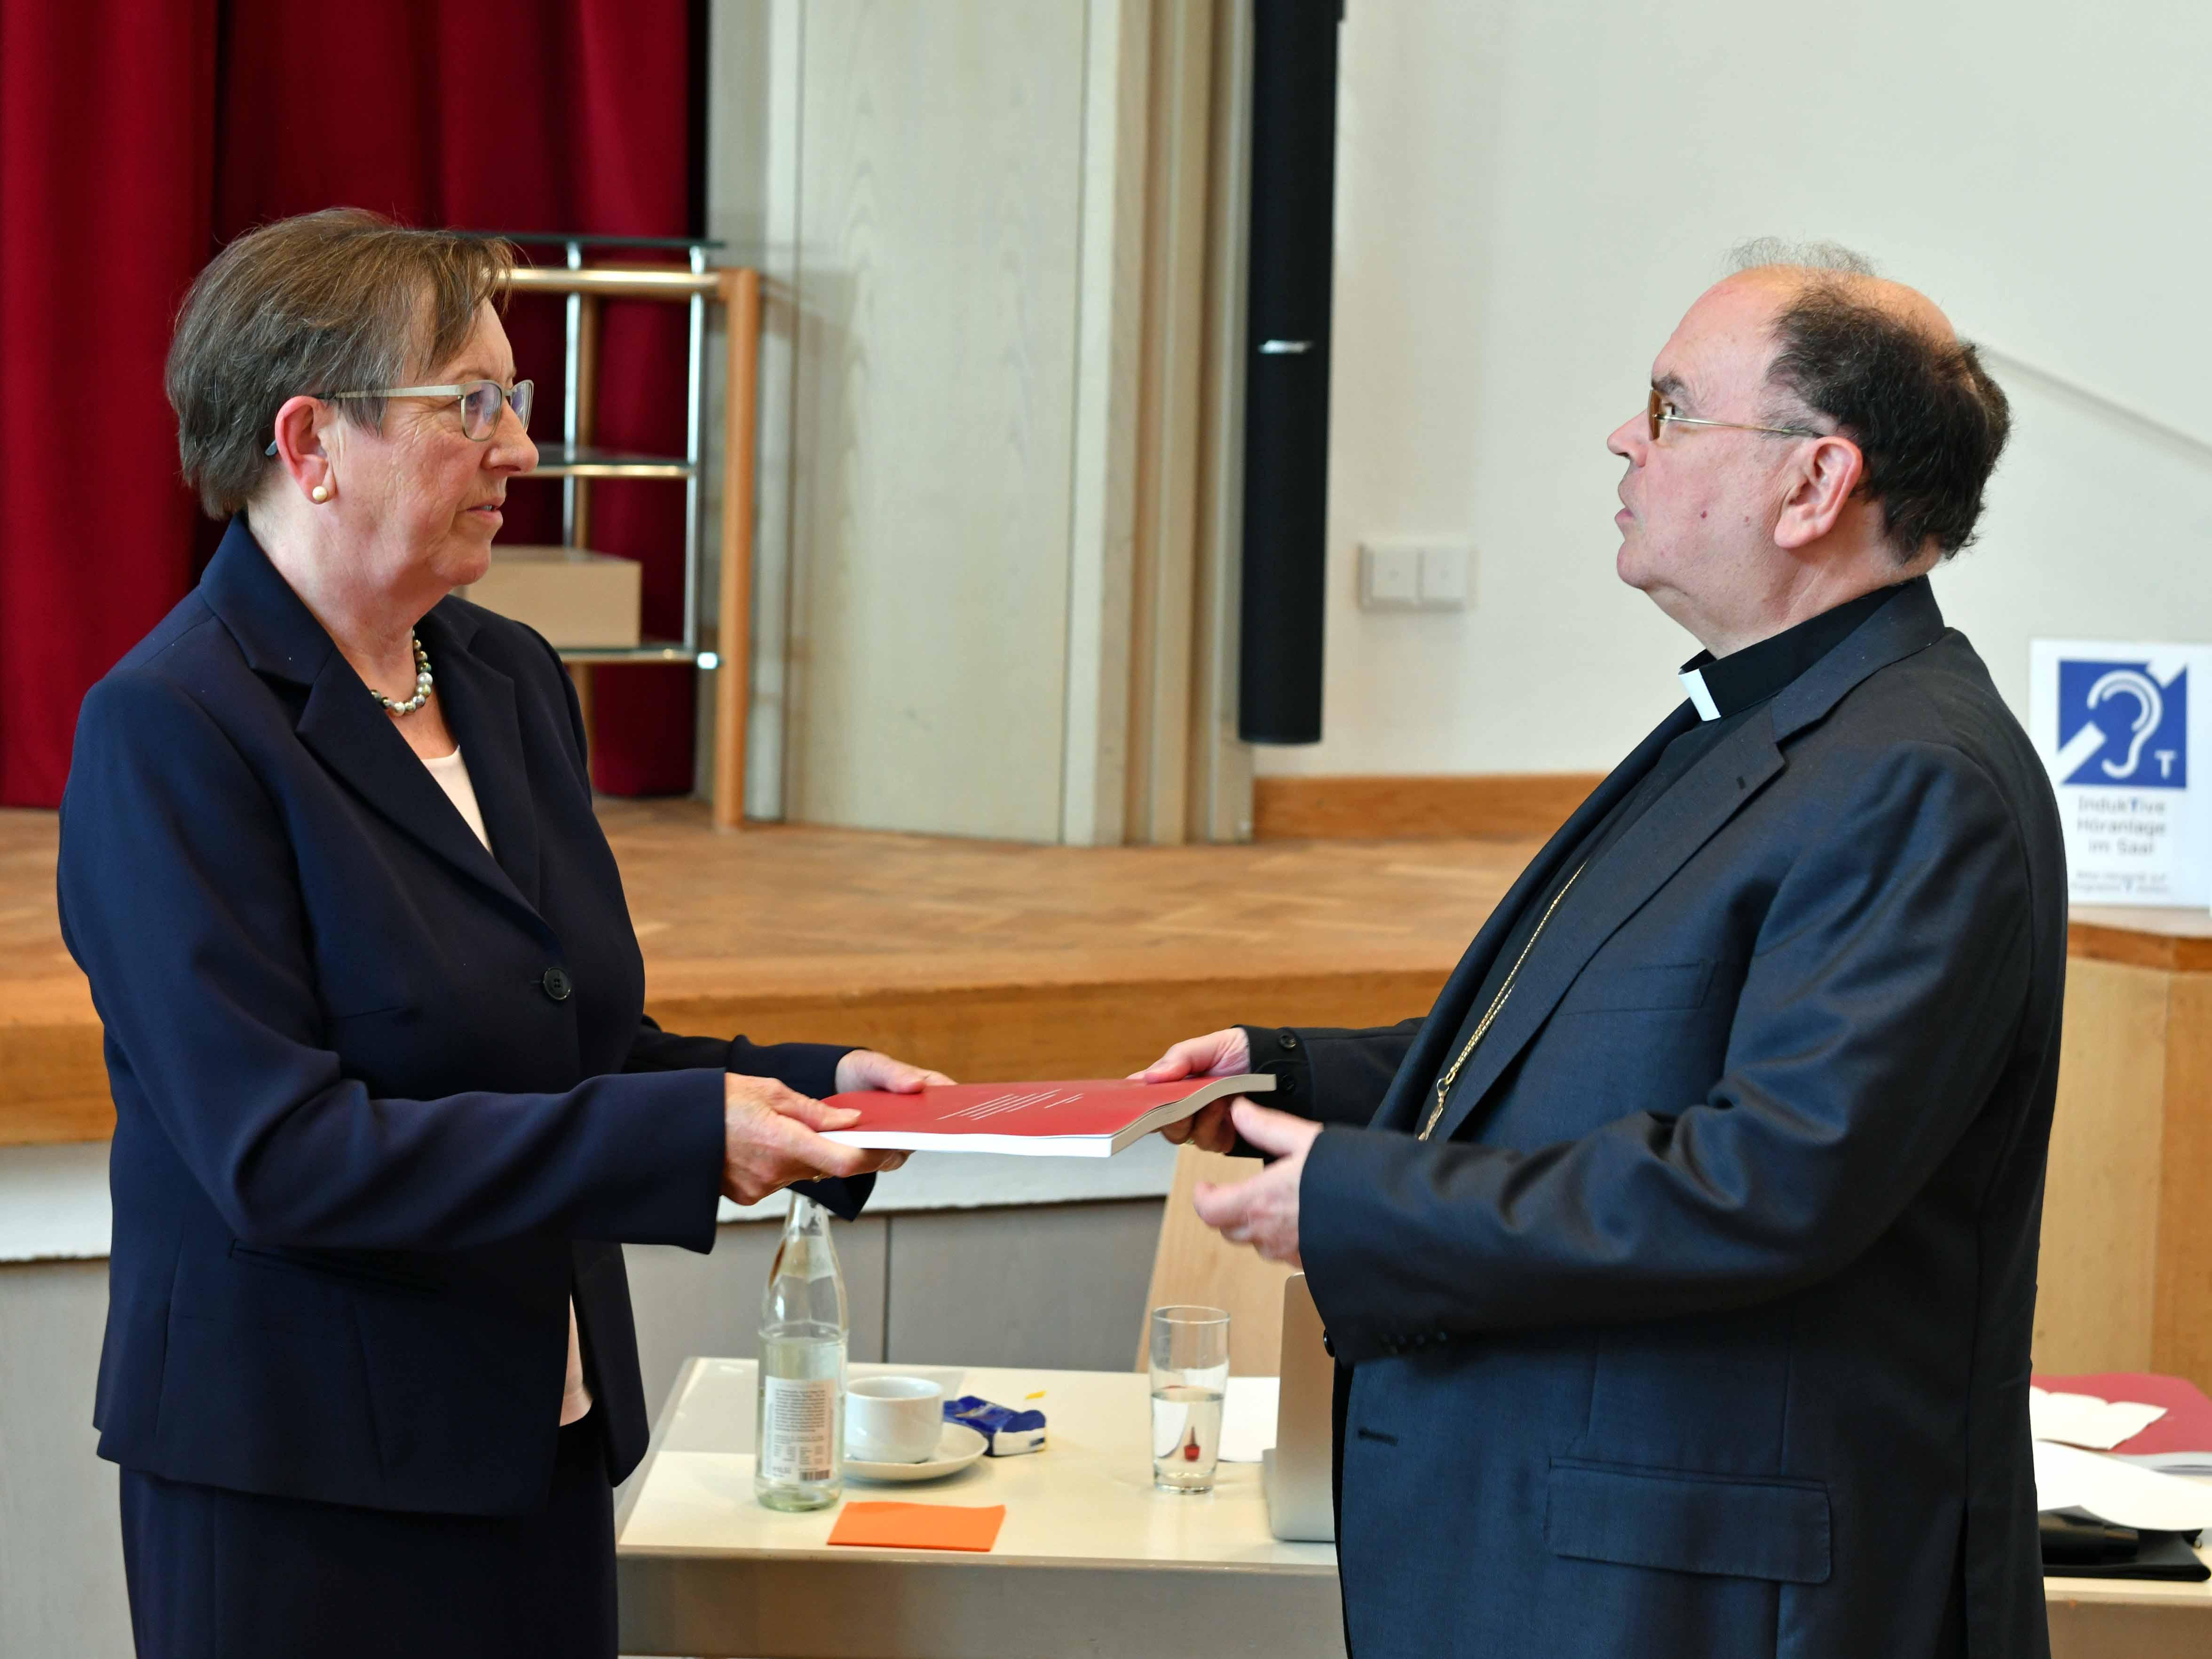 Die Leiterin der Projektgruppe Reitenbuch Elisabeth Mette überreicht Bischof Dr. Bertram Meier den Abschlussbericht. (Foto Nicolas Schnall / pba)